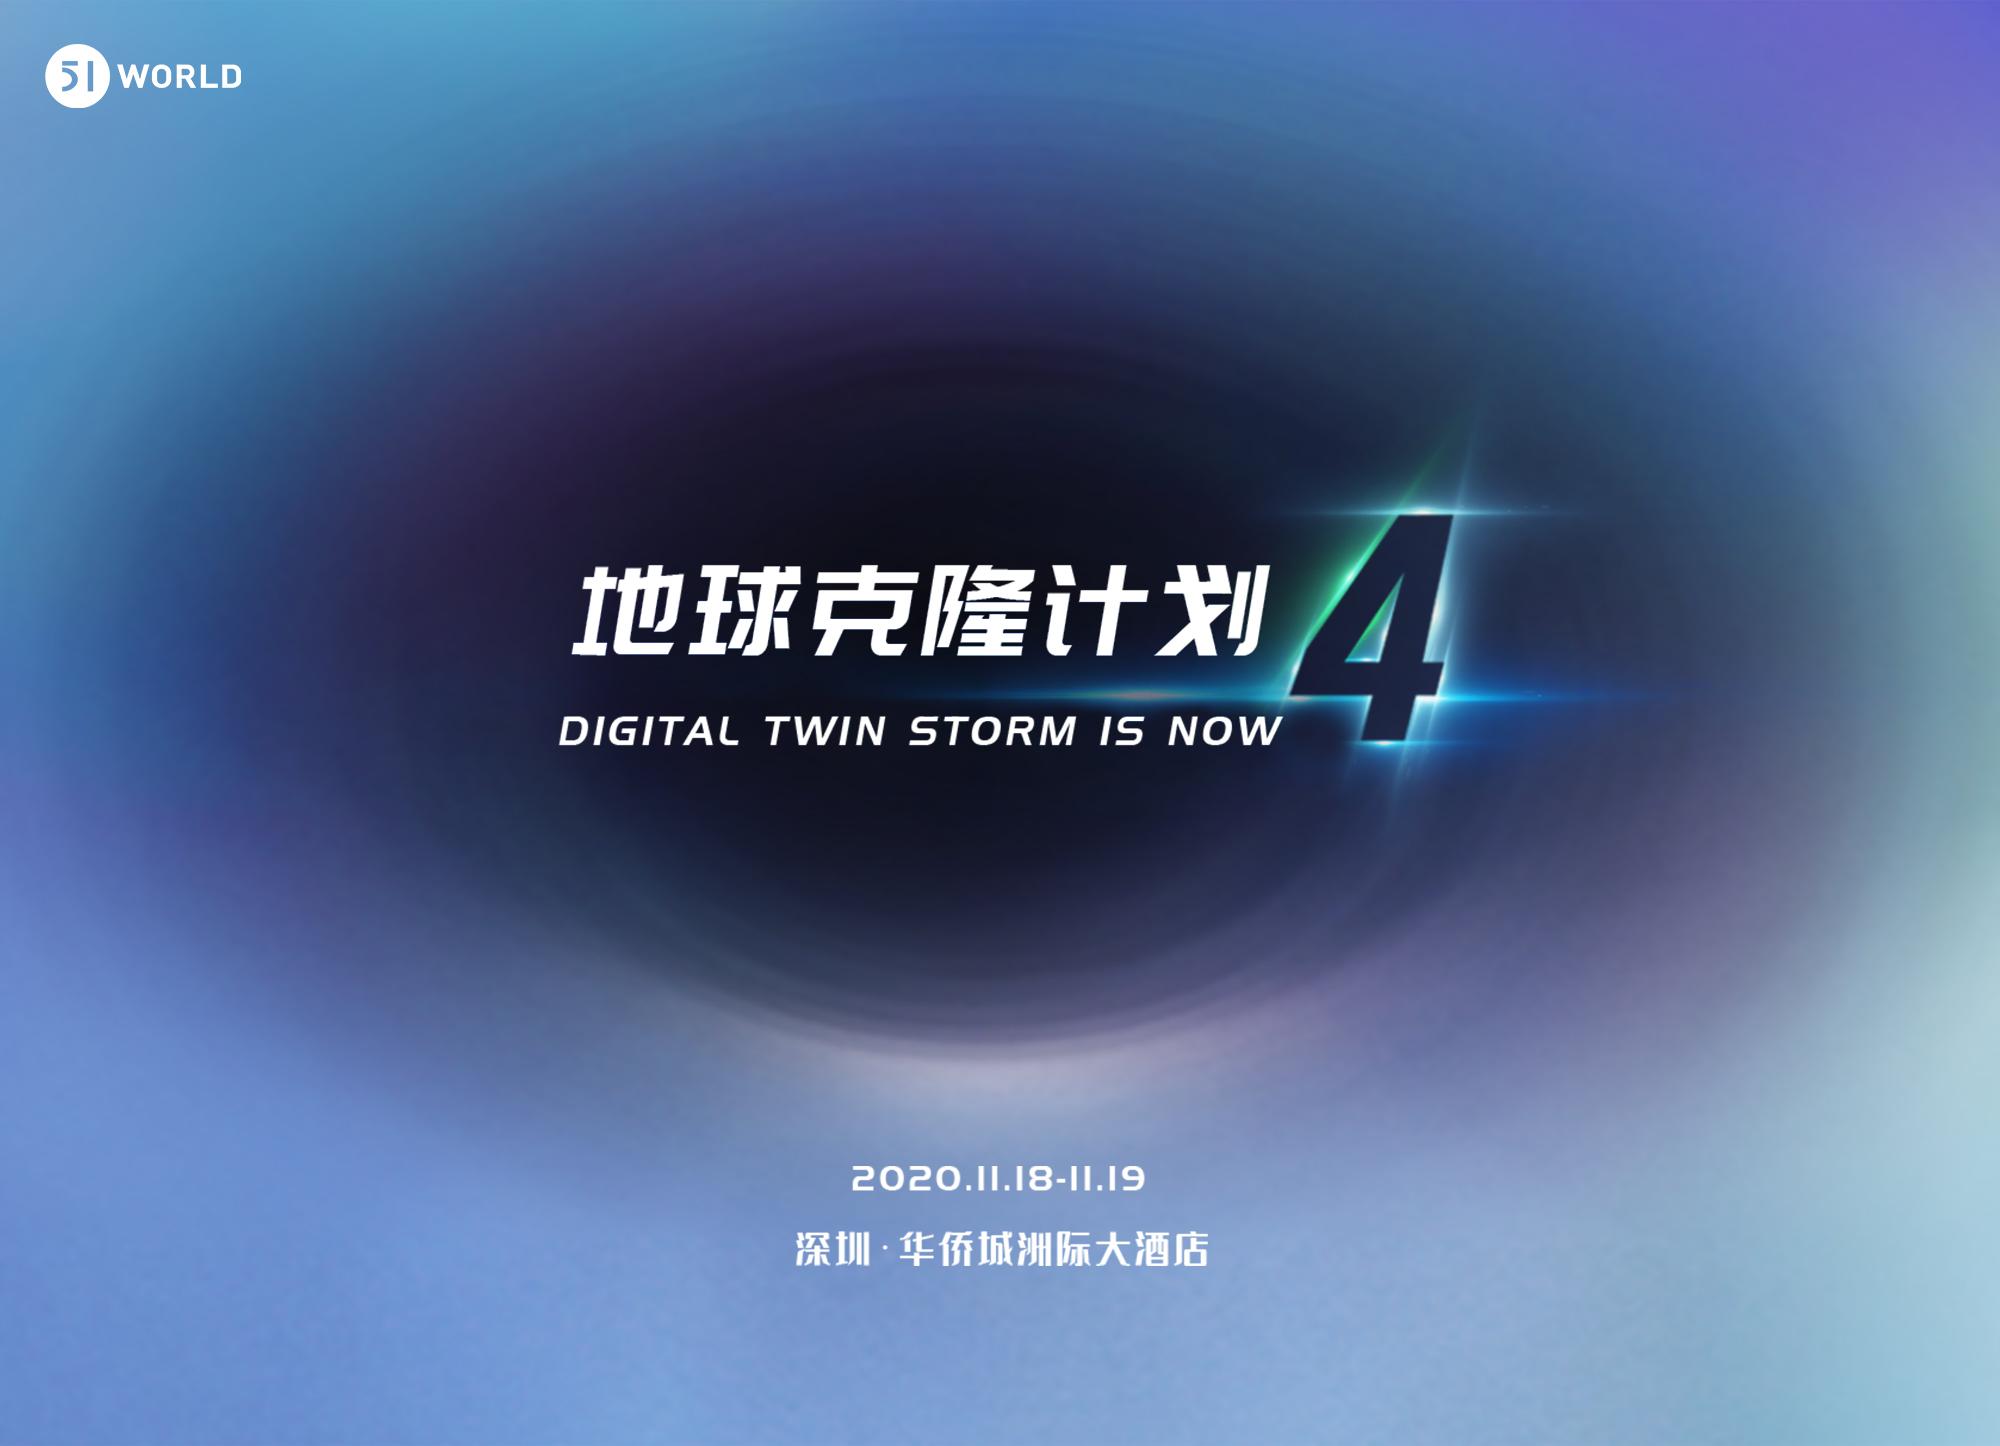 杭州为城市大脑立法,数字孪生将成为重要基础技术